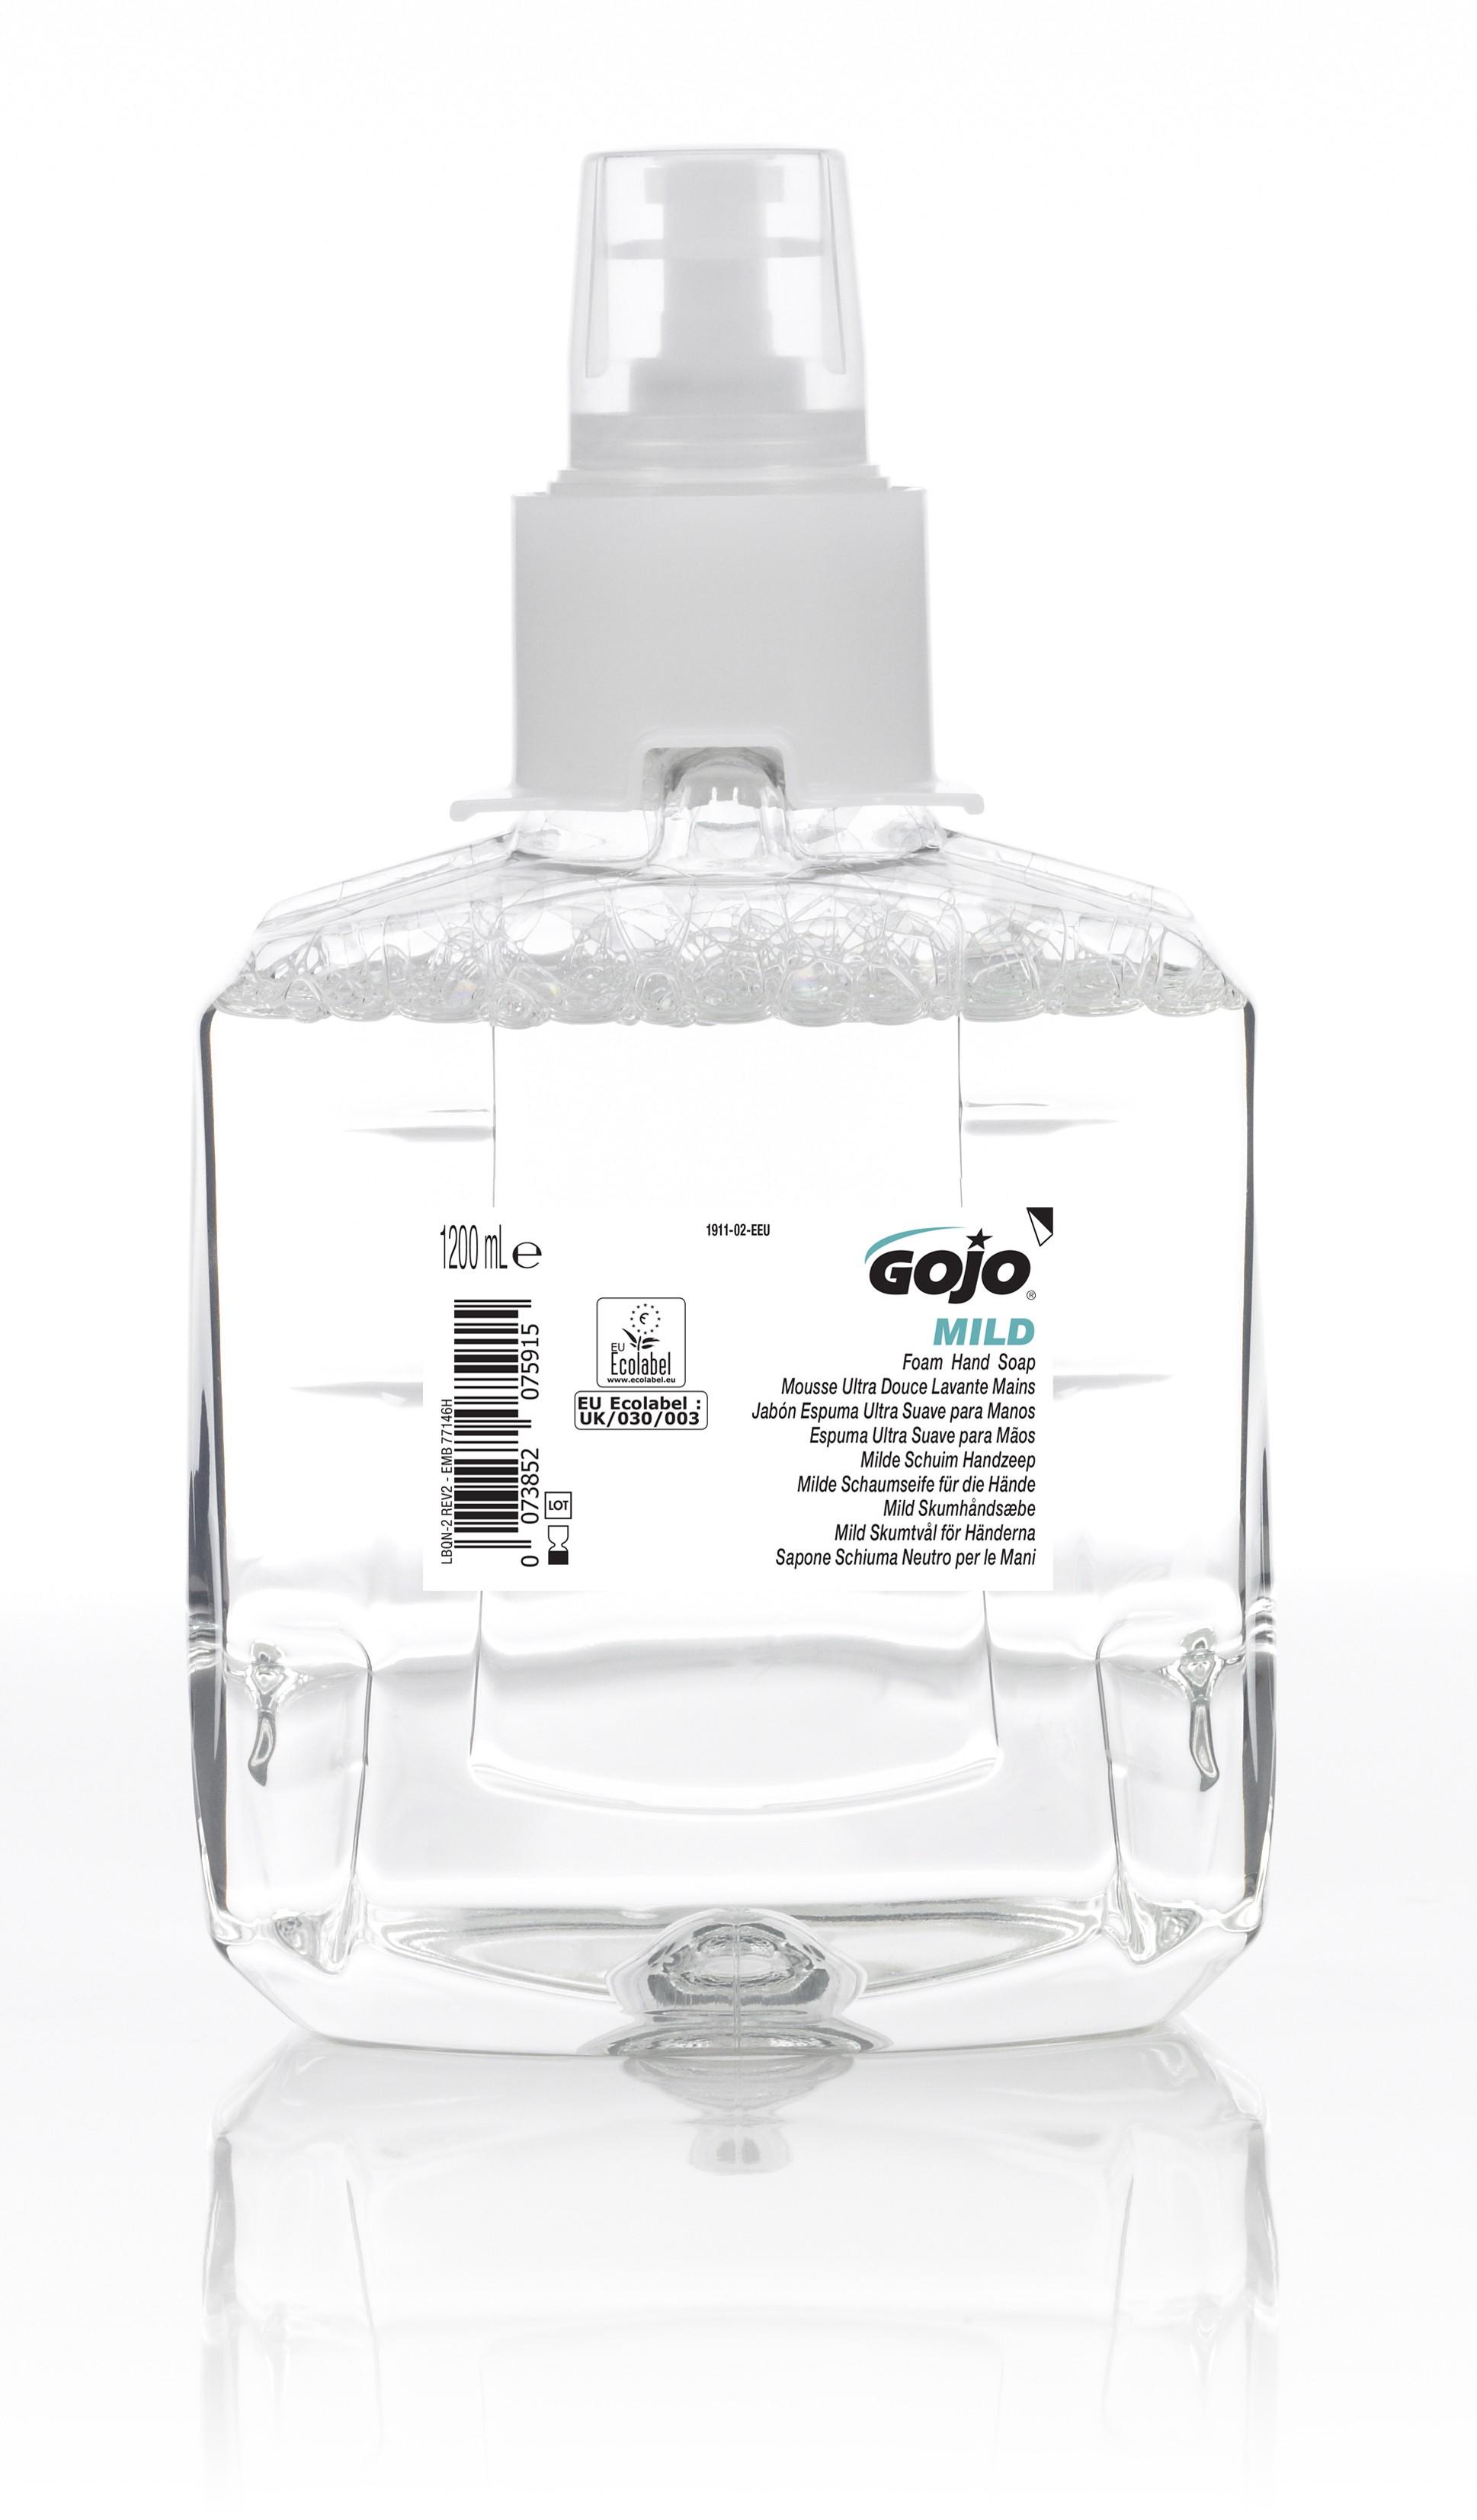 GOJO® Mousse Ultra Douce Lavante Mains